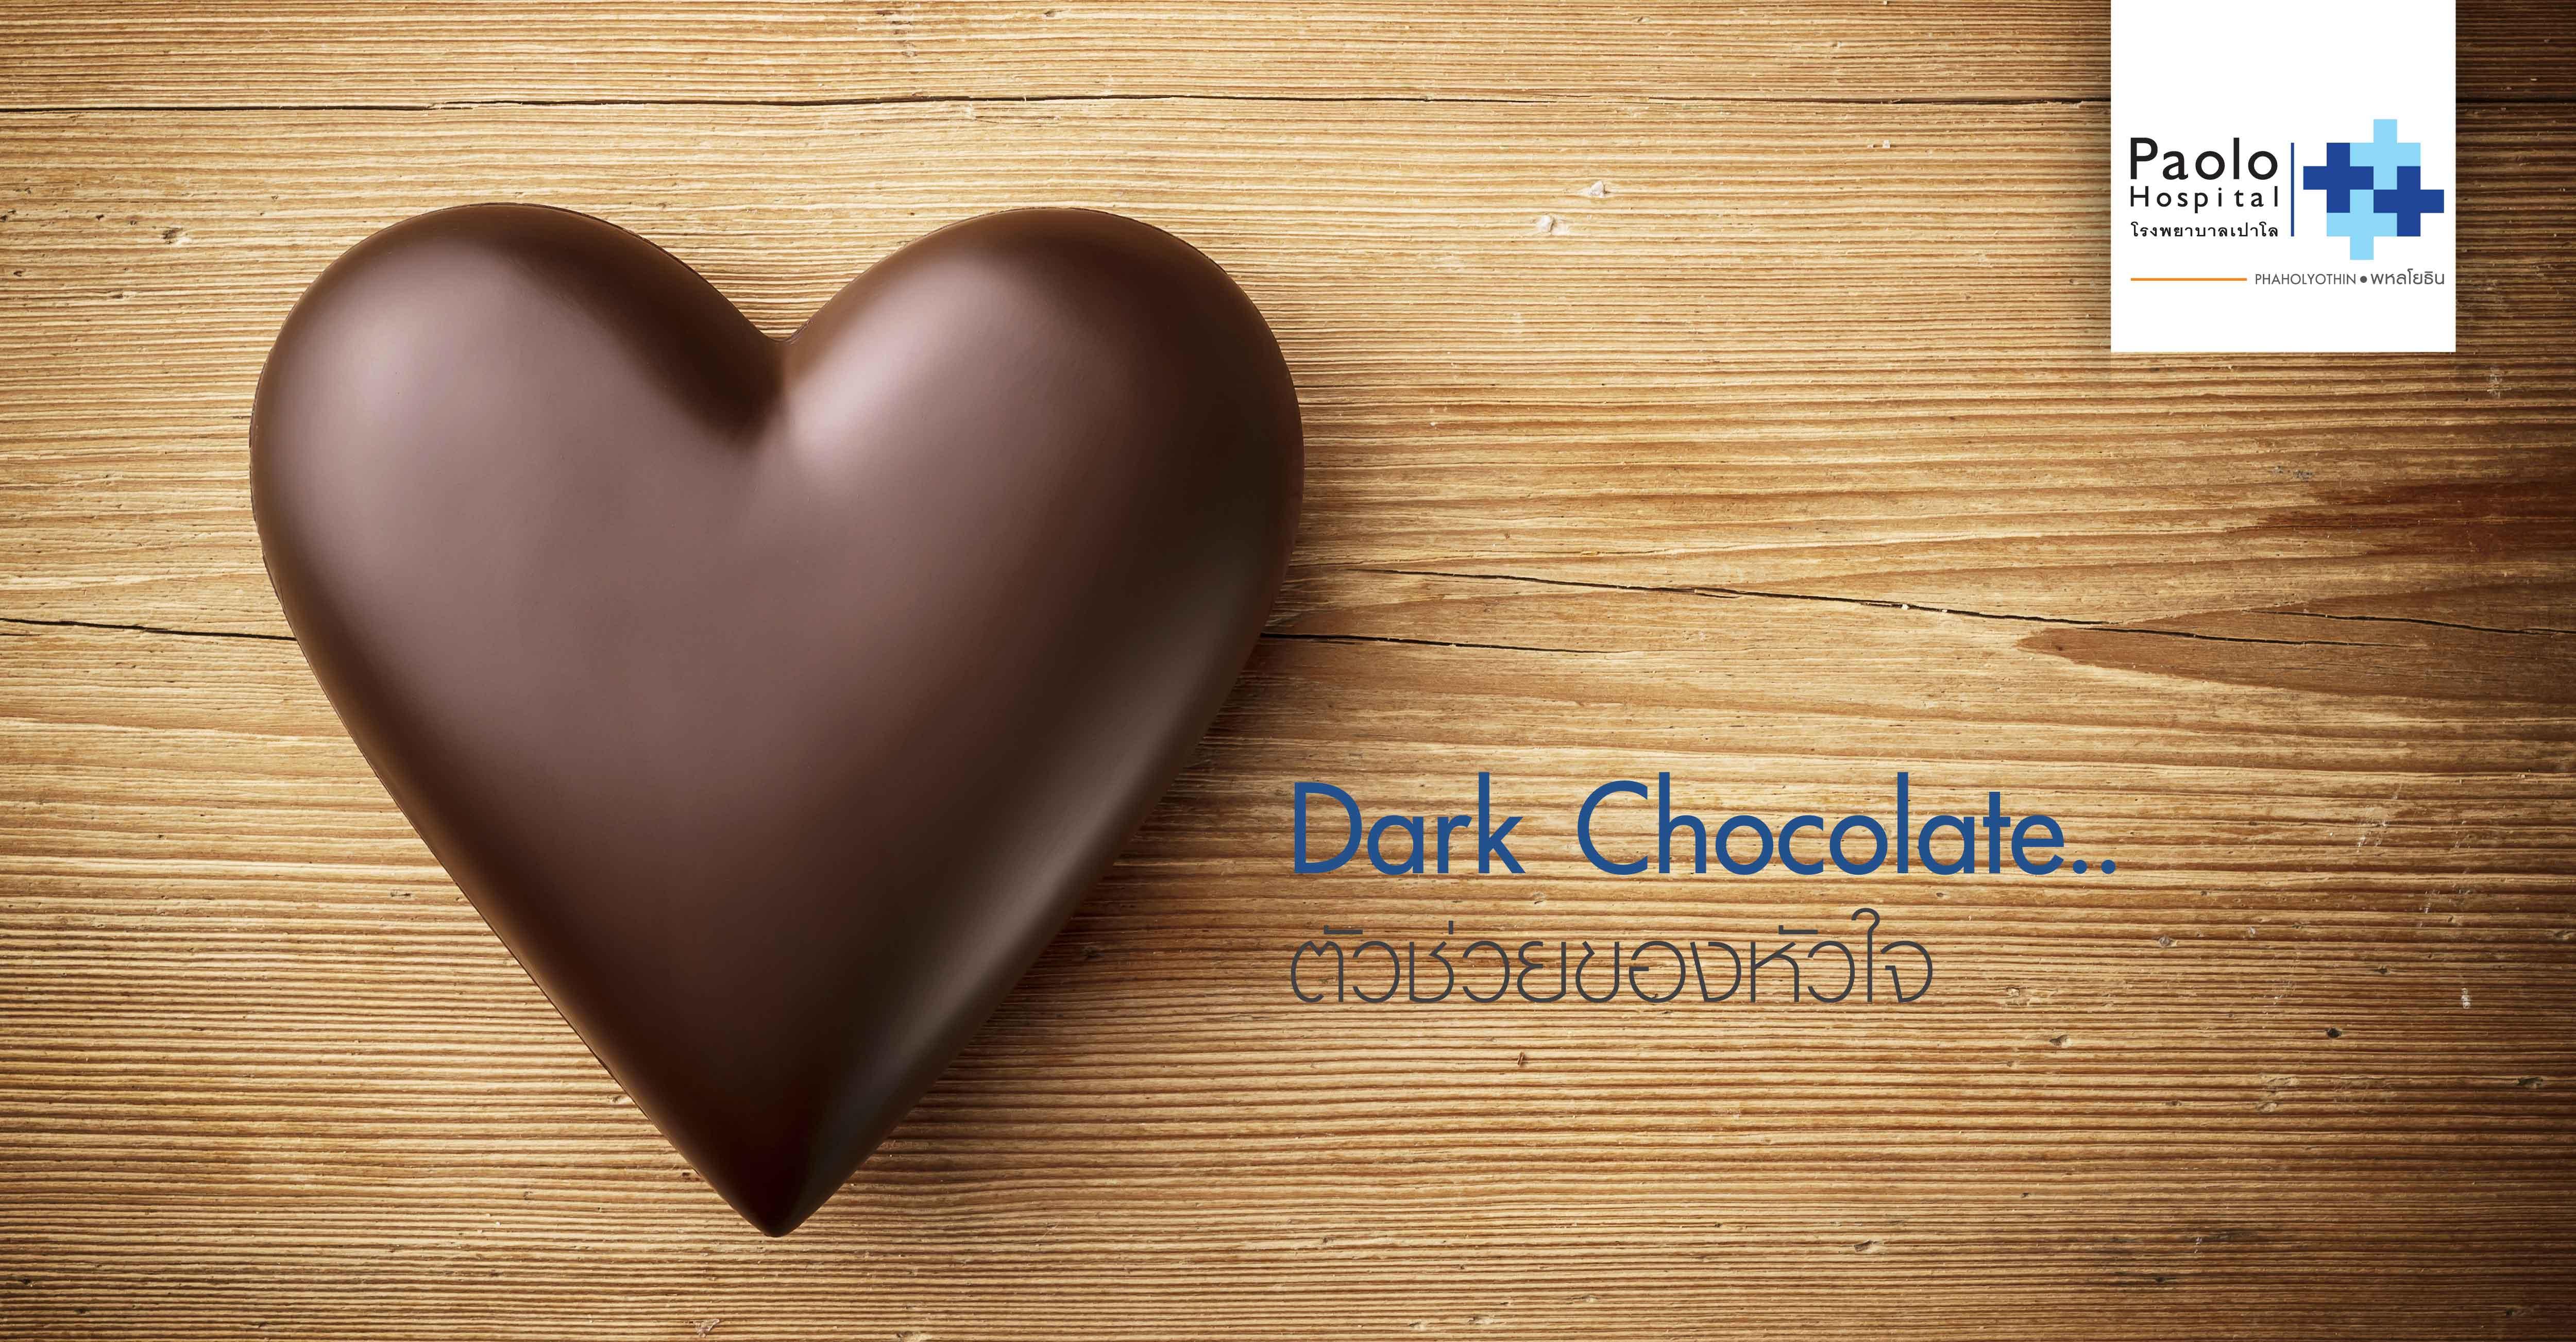 Dark Chocolate ลดการเกิดโรคหัวใจ